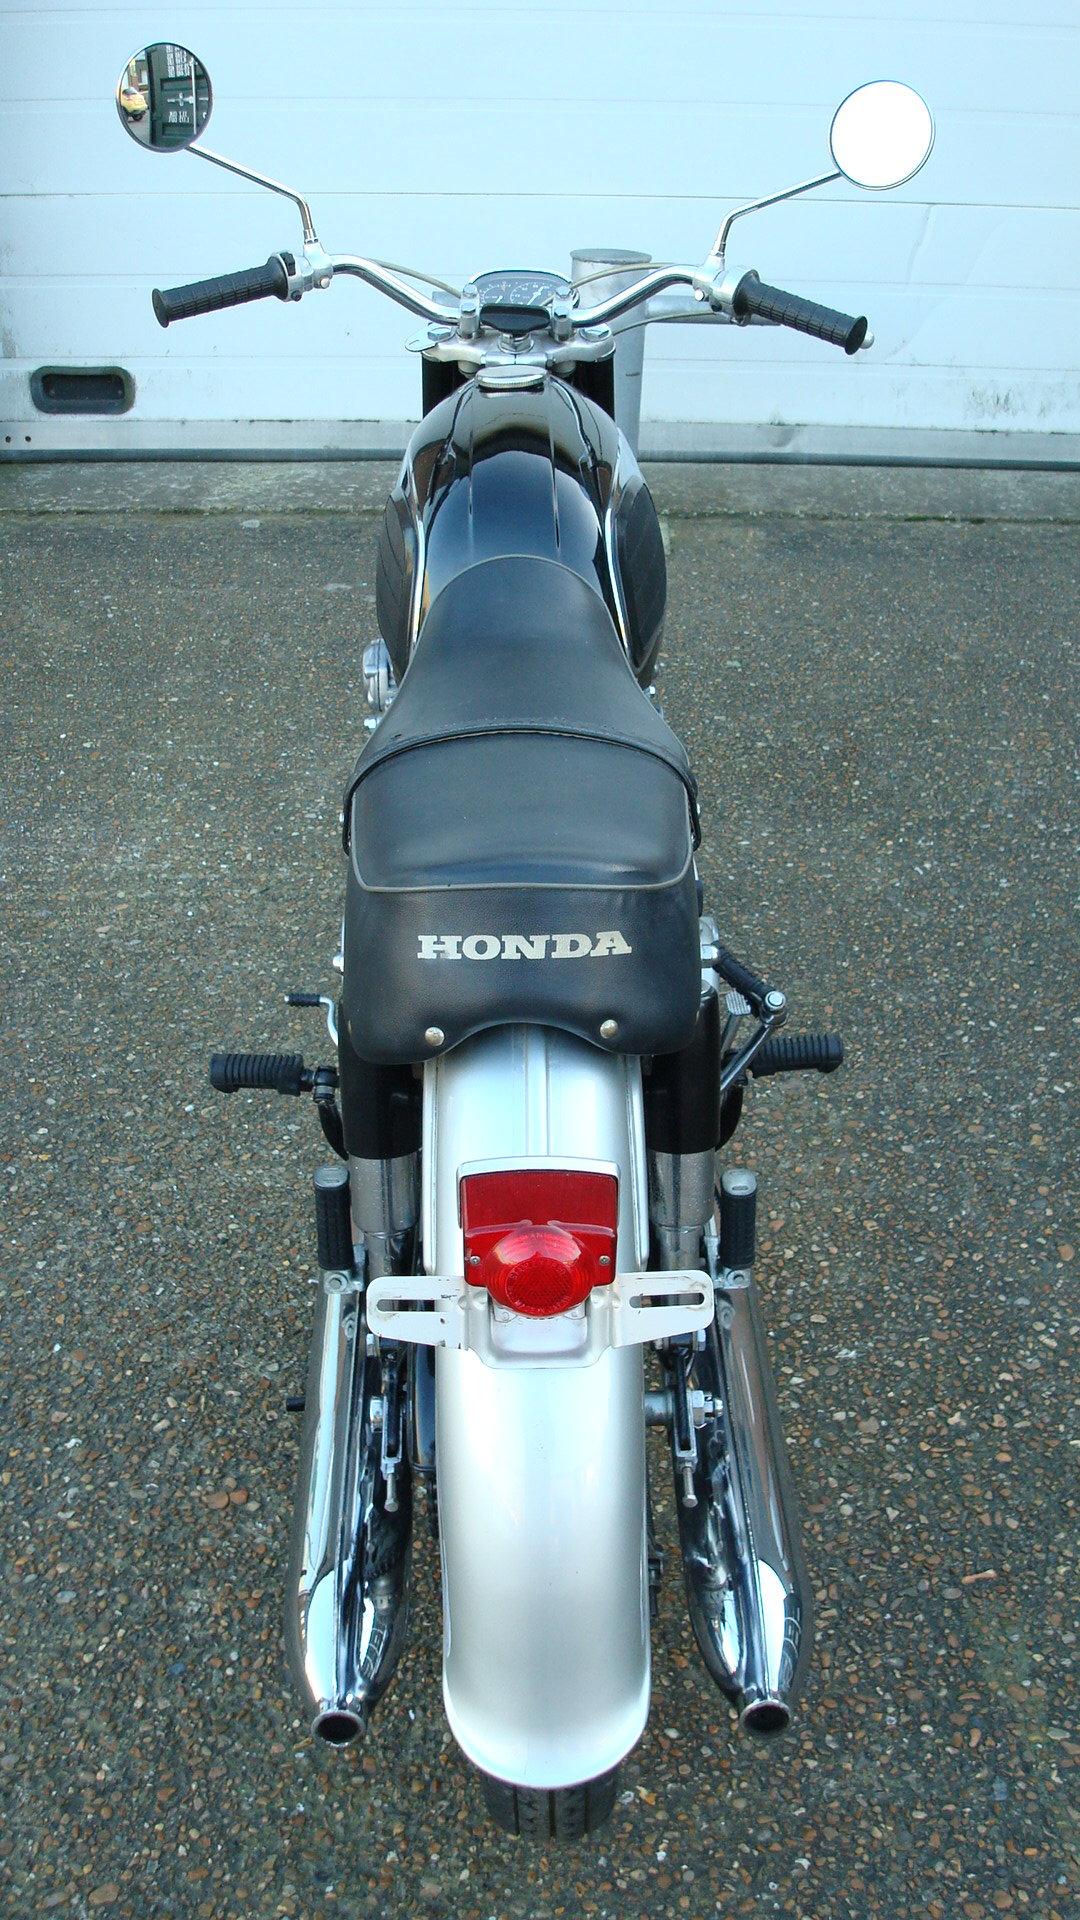 1968 Honda CB 450 K0 BLACK BOMBER 1969-G *UN-RESTORED* For Sale (picture 4 of 6)